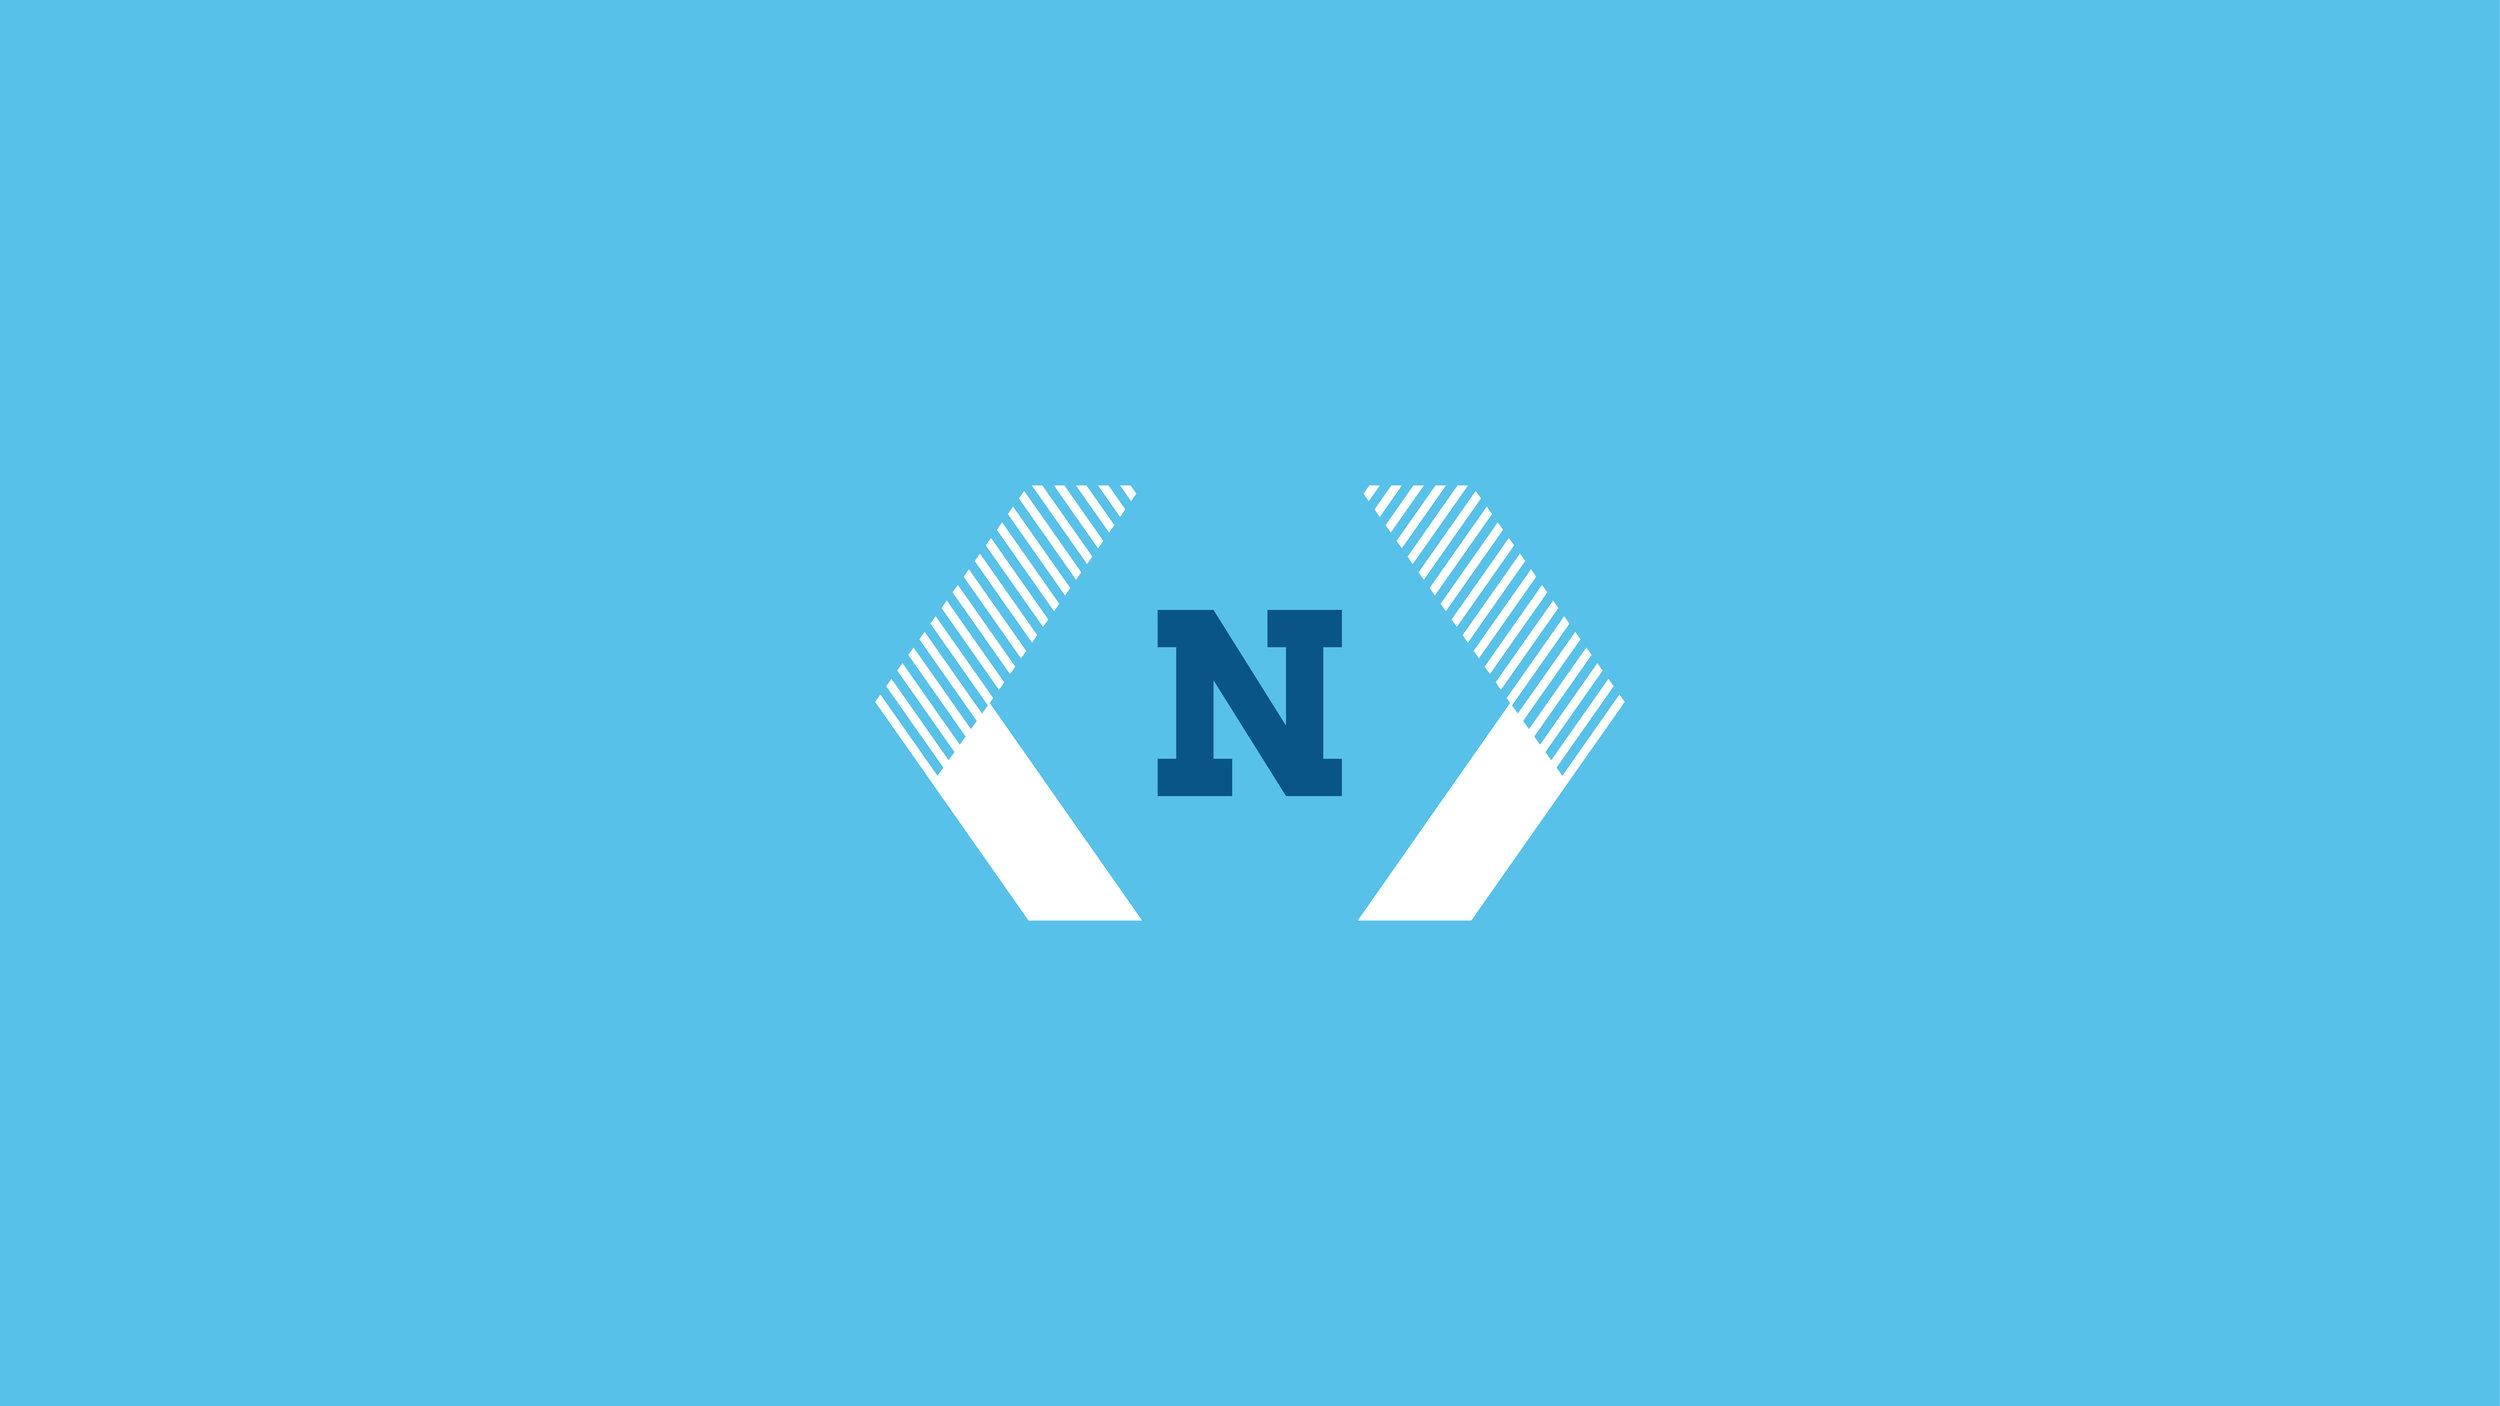 OSN_logo.jpg